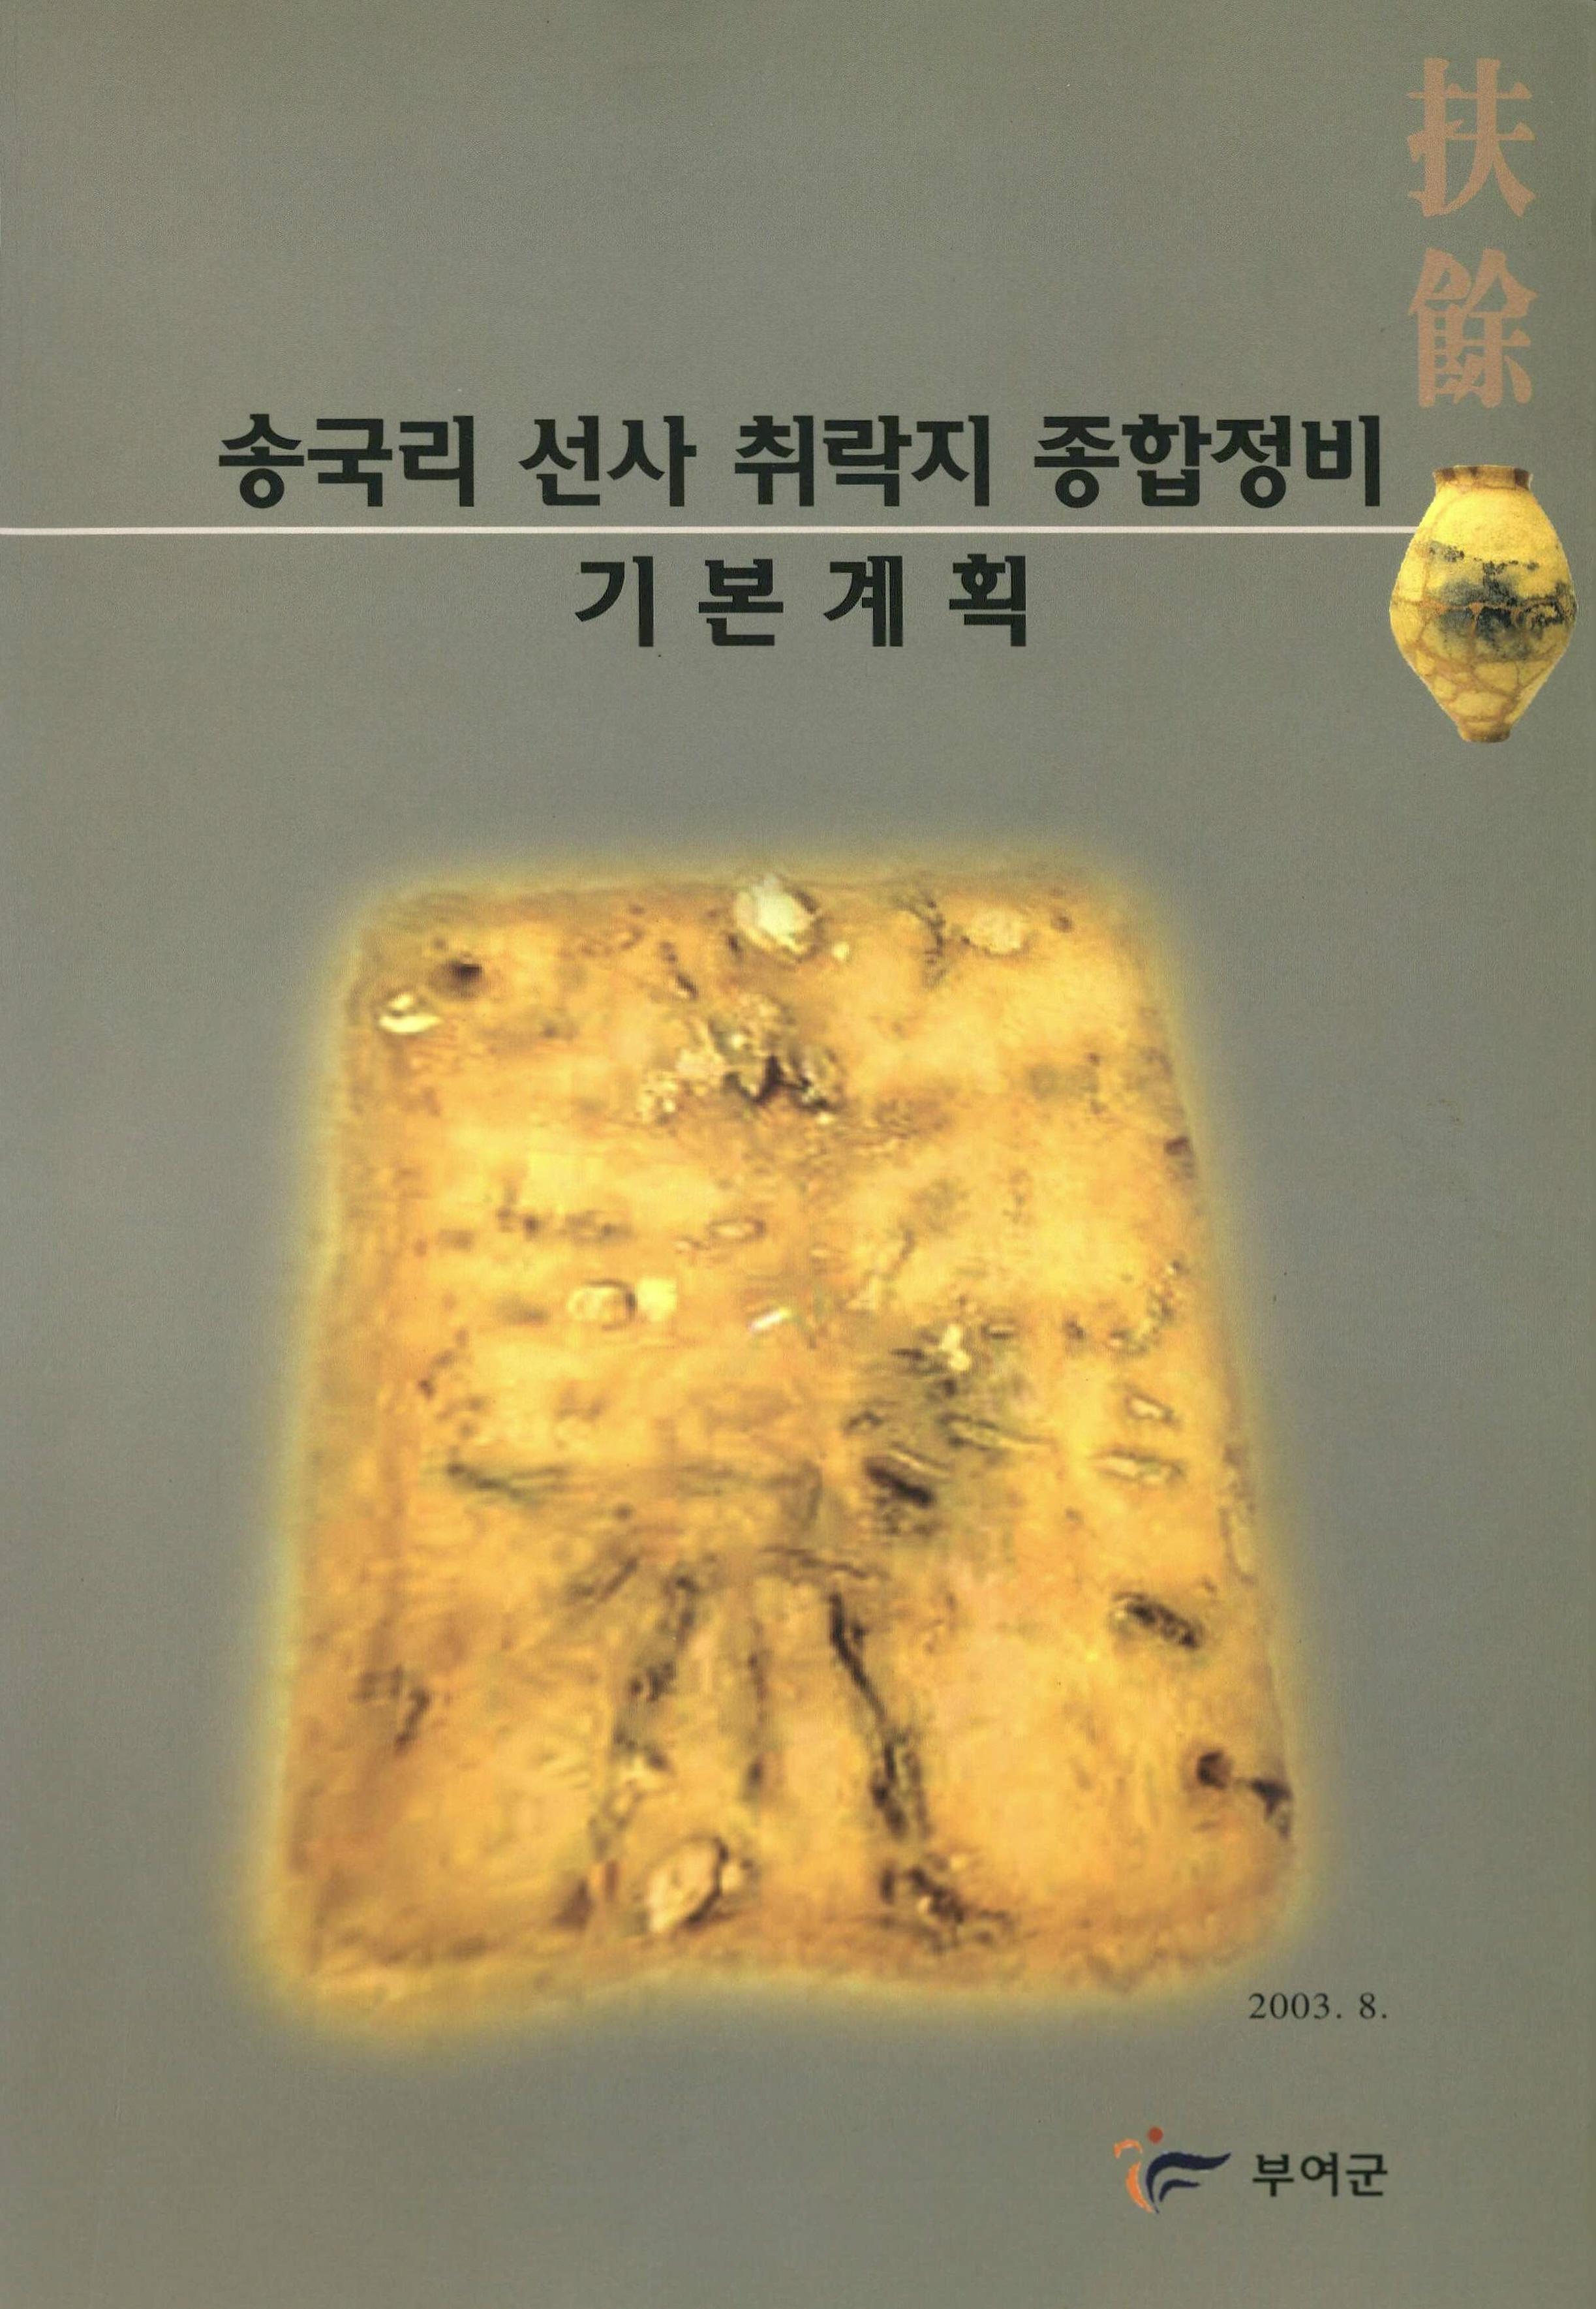 송국리 선사취락지정비 종합정비 기본계획